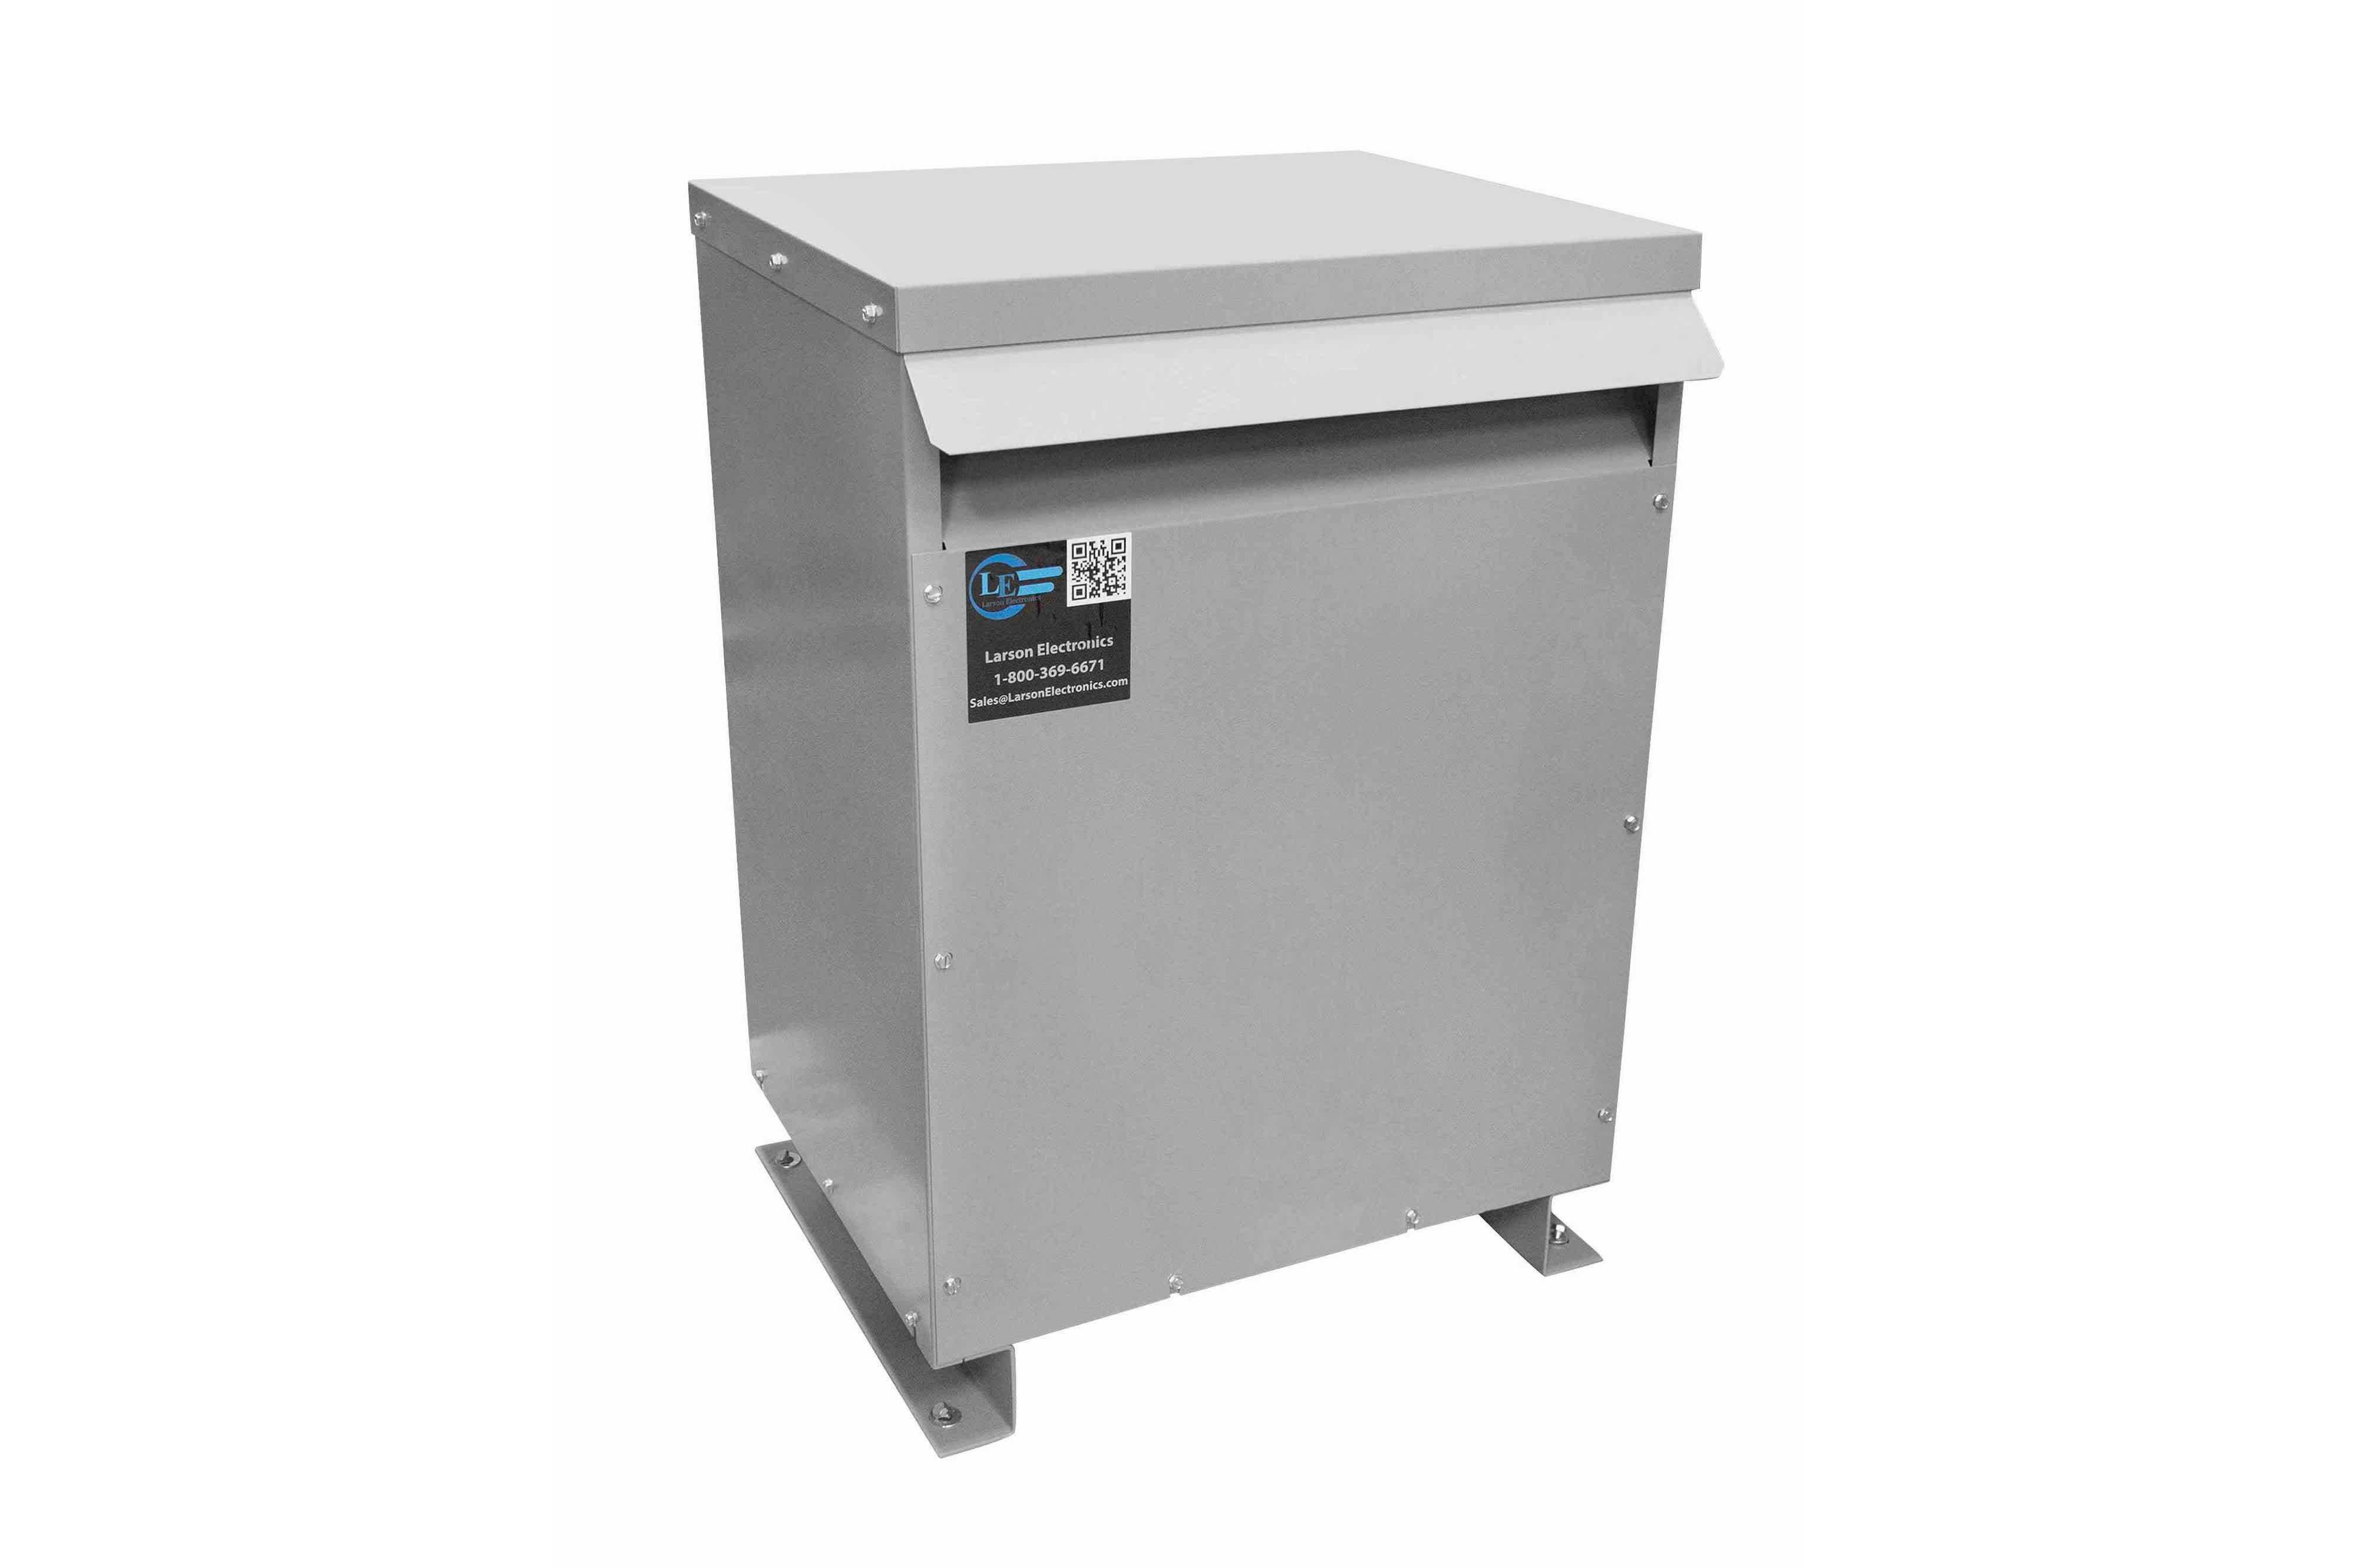 400 kVA 3PH Isolation Transformer, 440V Delta Primary, 240 Delta Secondary, N3R, Ventilated, 60 Hz